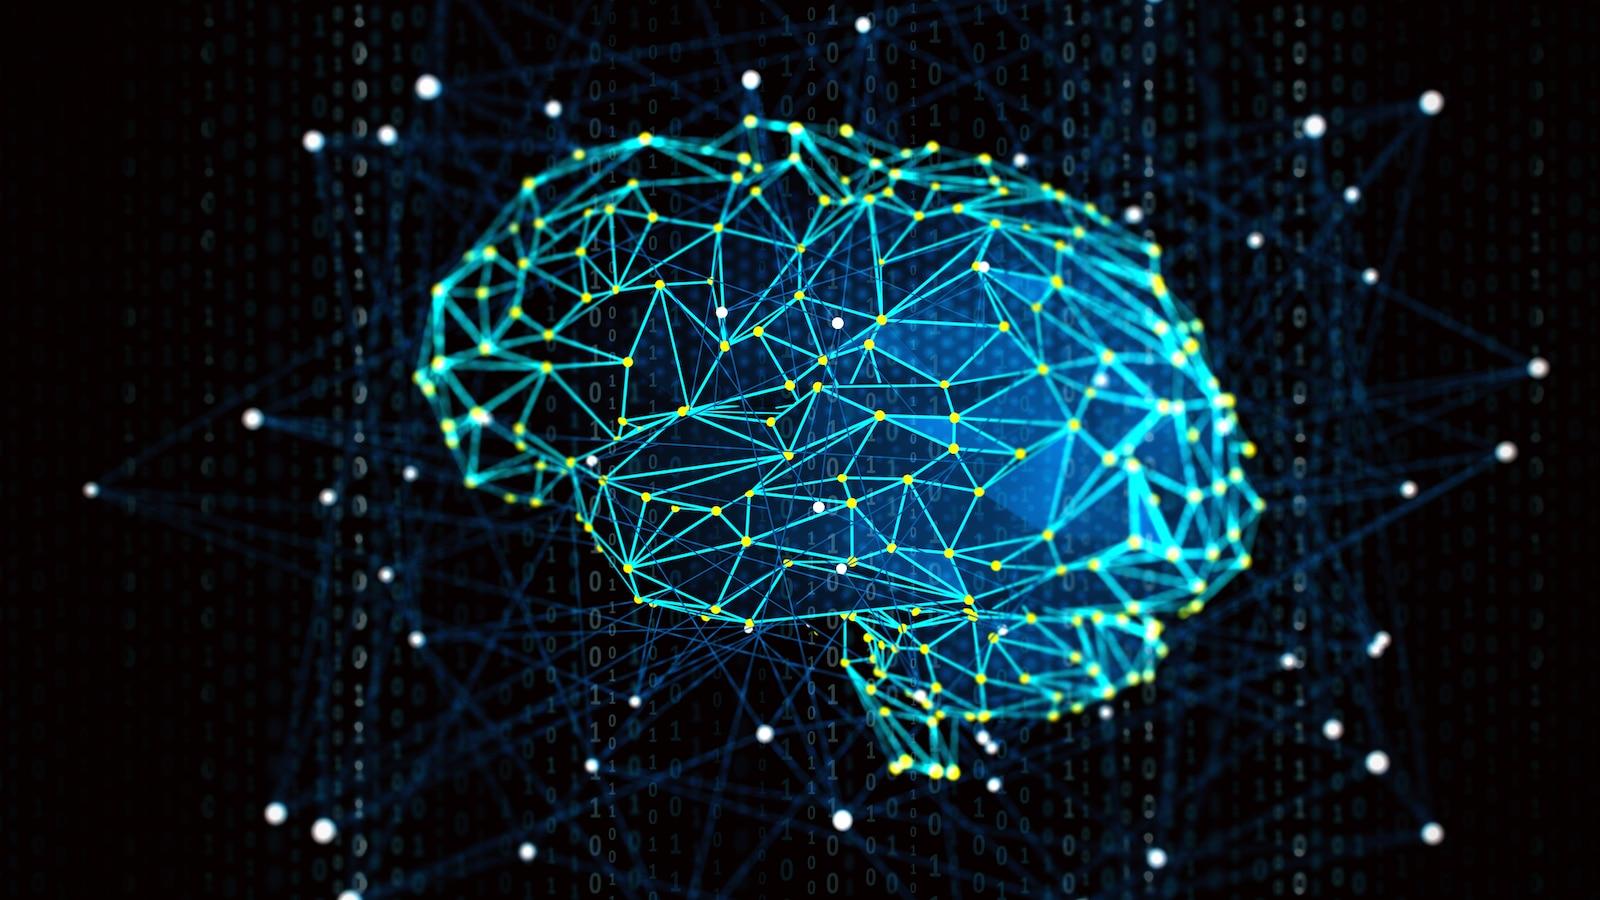 Un cerveau dessiné grâce à un ensemble de points et de lignes colorés formant un réseau lumineux sur un fond noir.